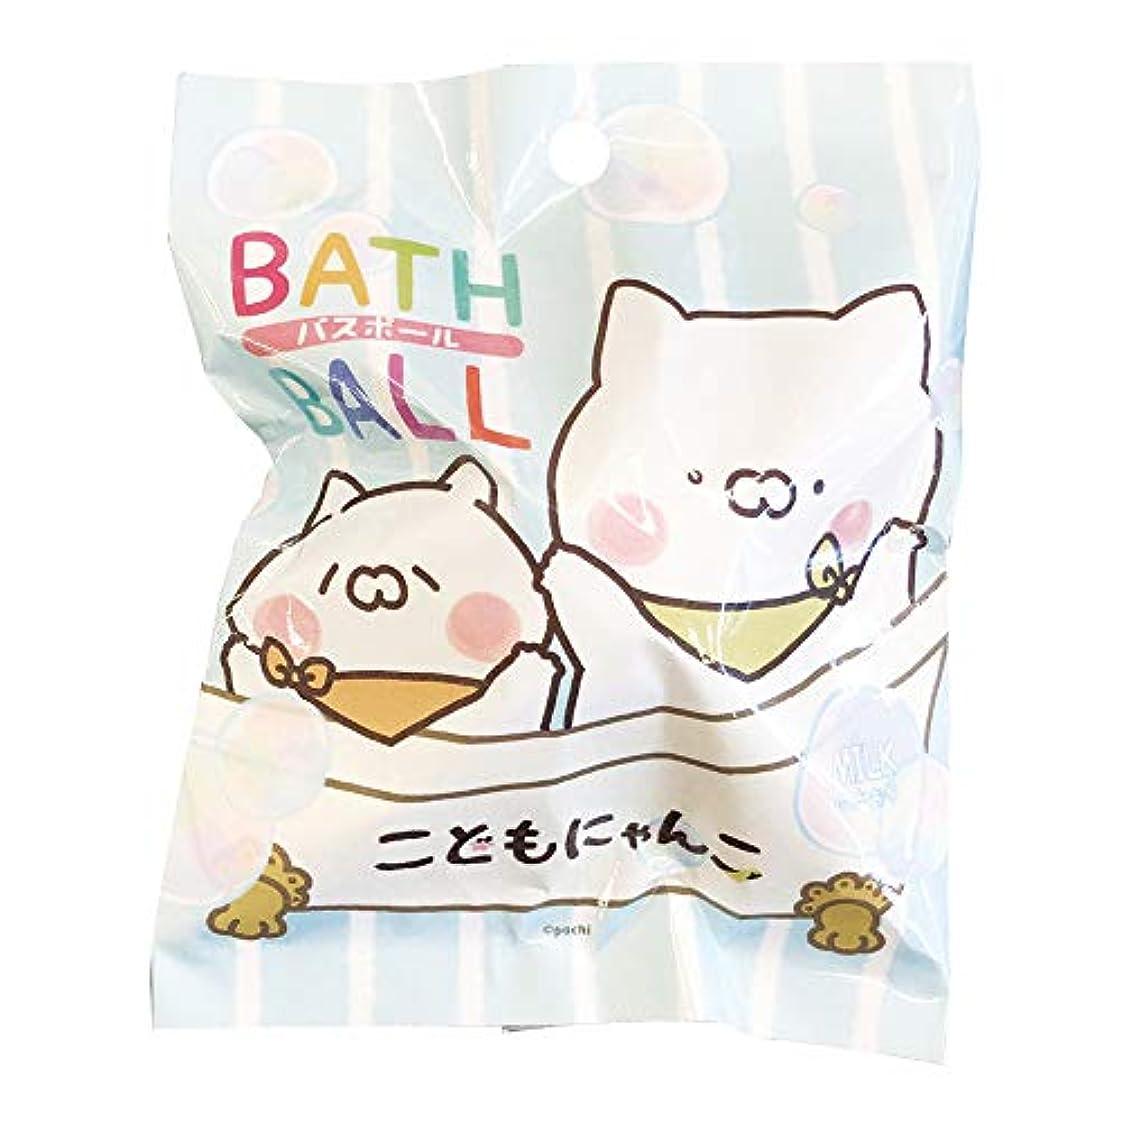 検査マルコポーロ真空こどもにゃんこ 入浴剤 バスボール おまけ付き ミルクの香り 50g ABD-043-001